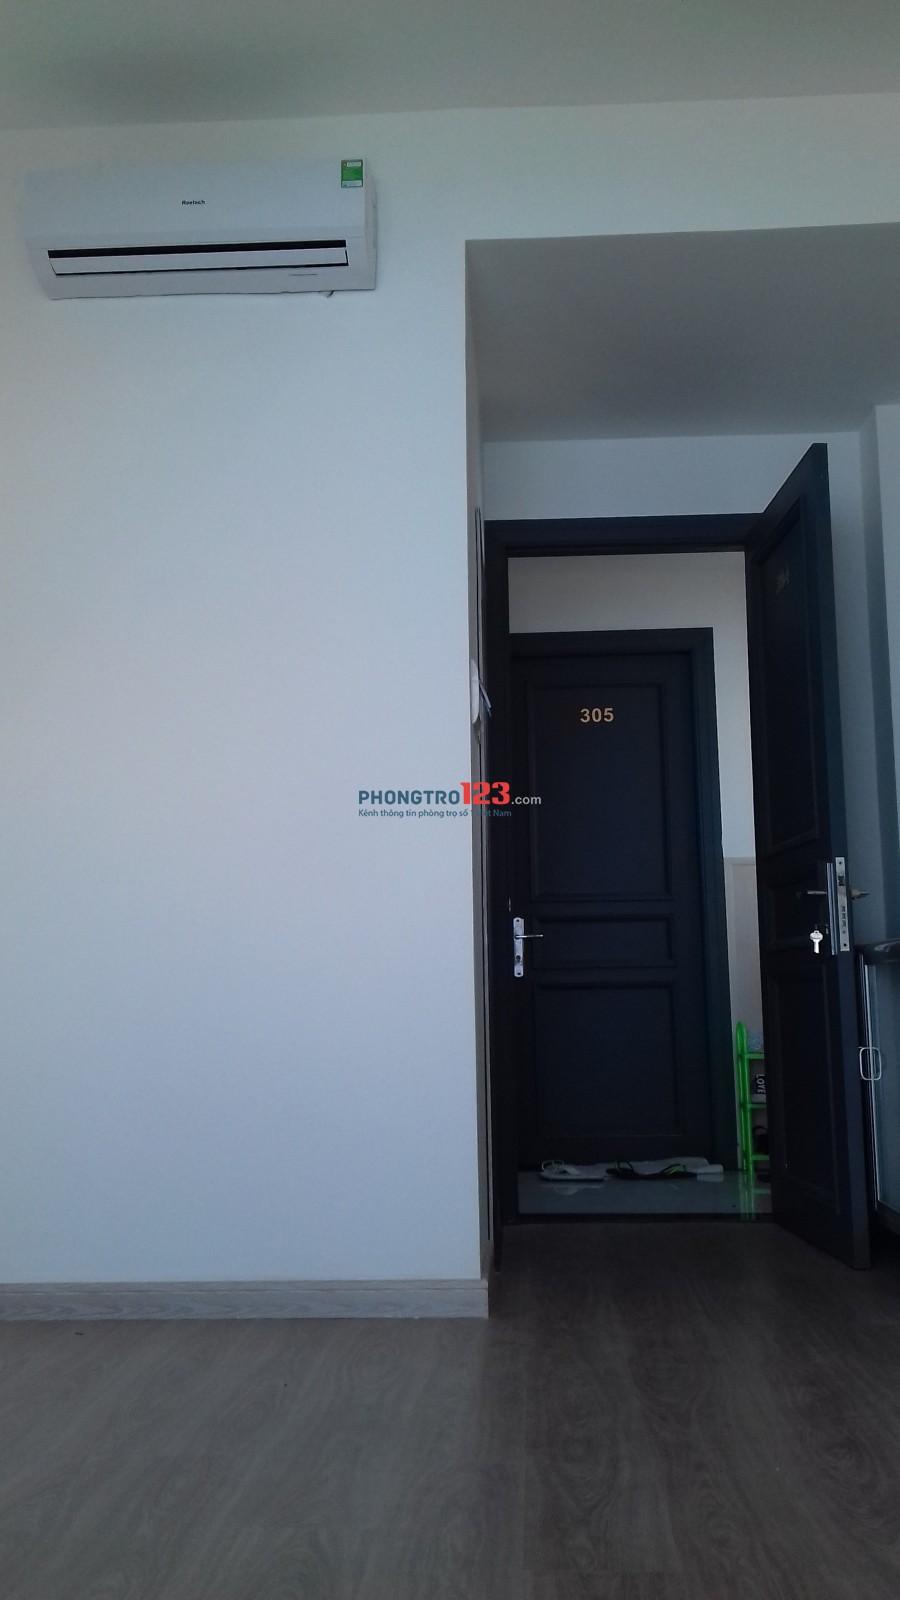 Phòng trọ đẹp+ an ninh- gần chợ Tân Mỹ, Q.7